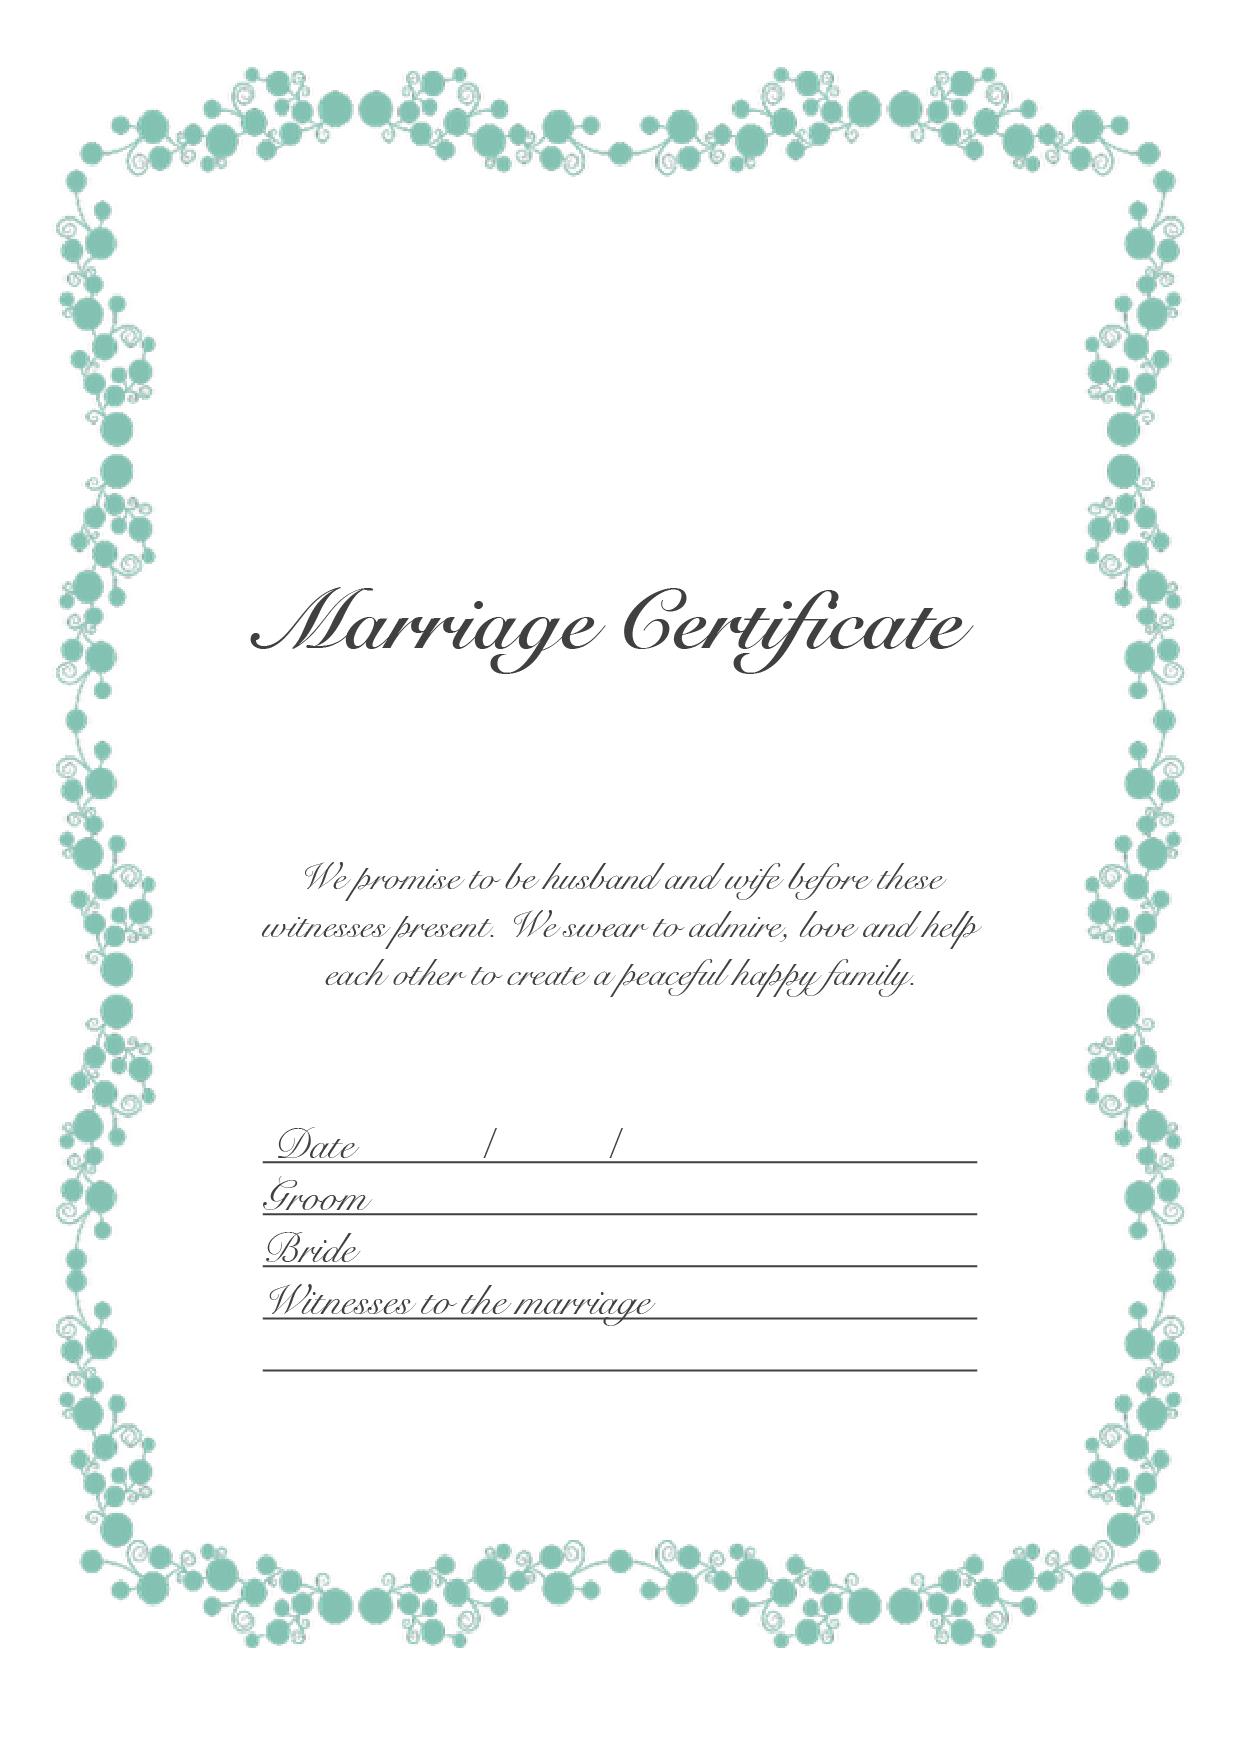 結婚証明書 英語テンプレート(ワード、ページズ)A4サイズ ガーリーグリーン